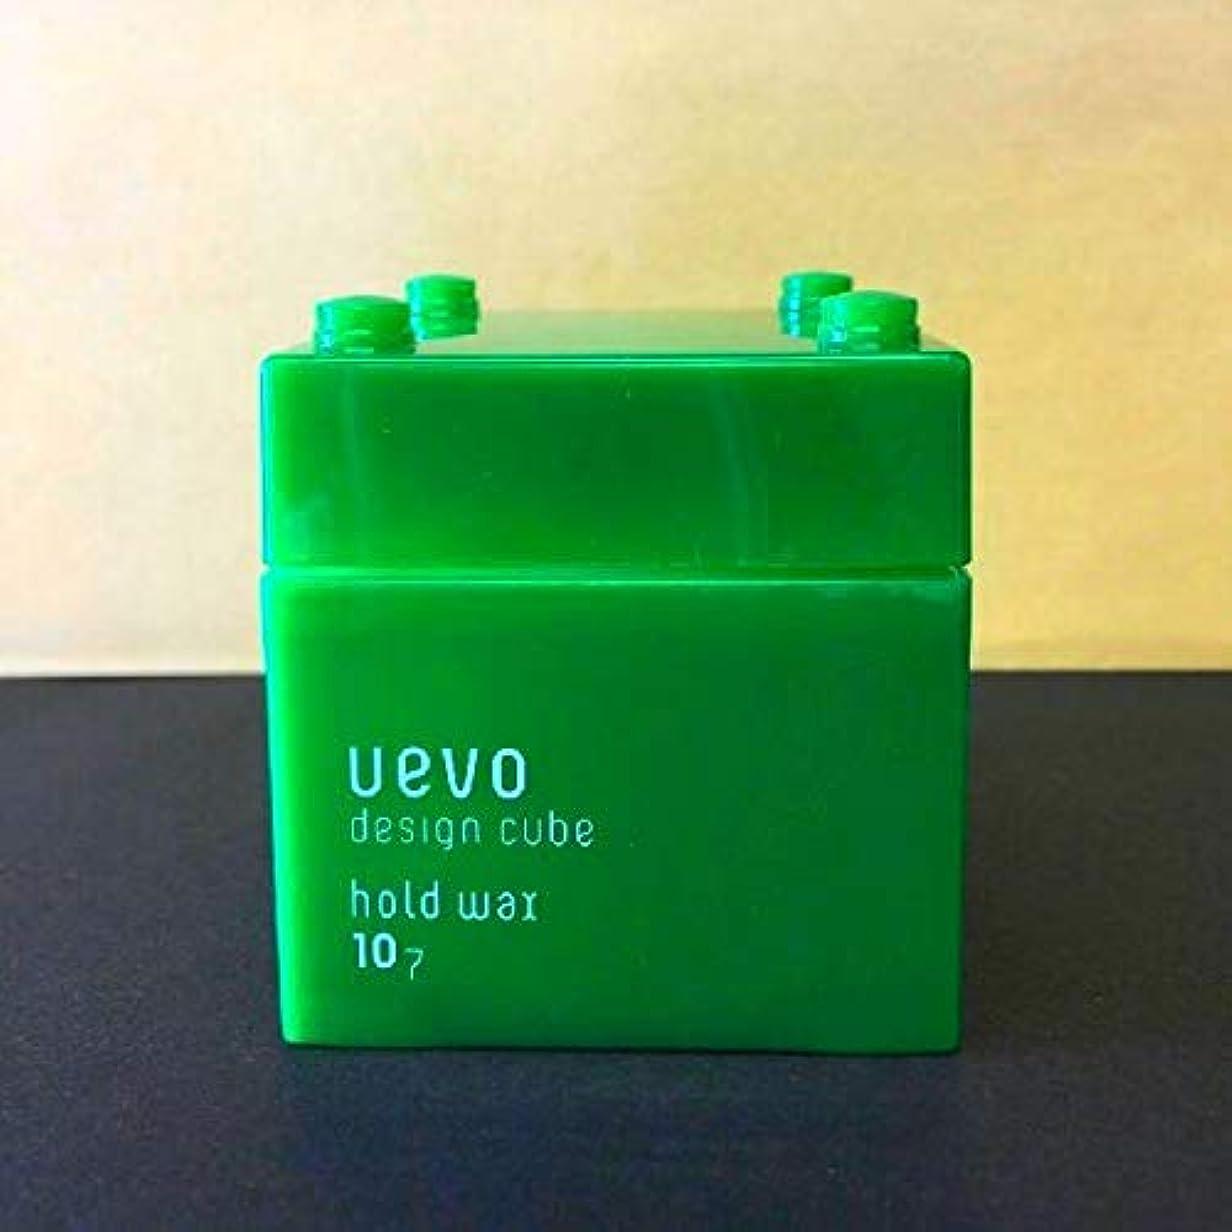 ミニチュアトランスミッション喉頭【X3個セット】 デミ ウェーボ デザインキューブ ホールドワックス 80g hold wax DEMI uevo design cube